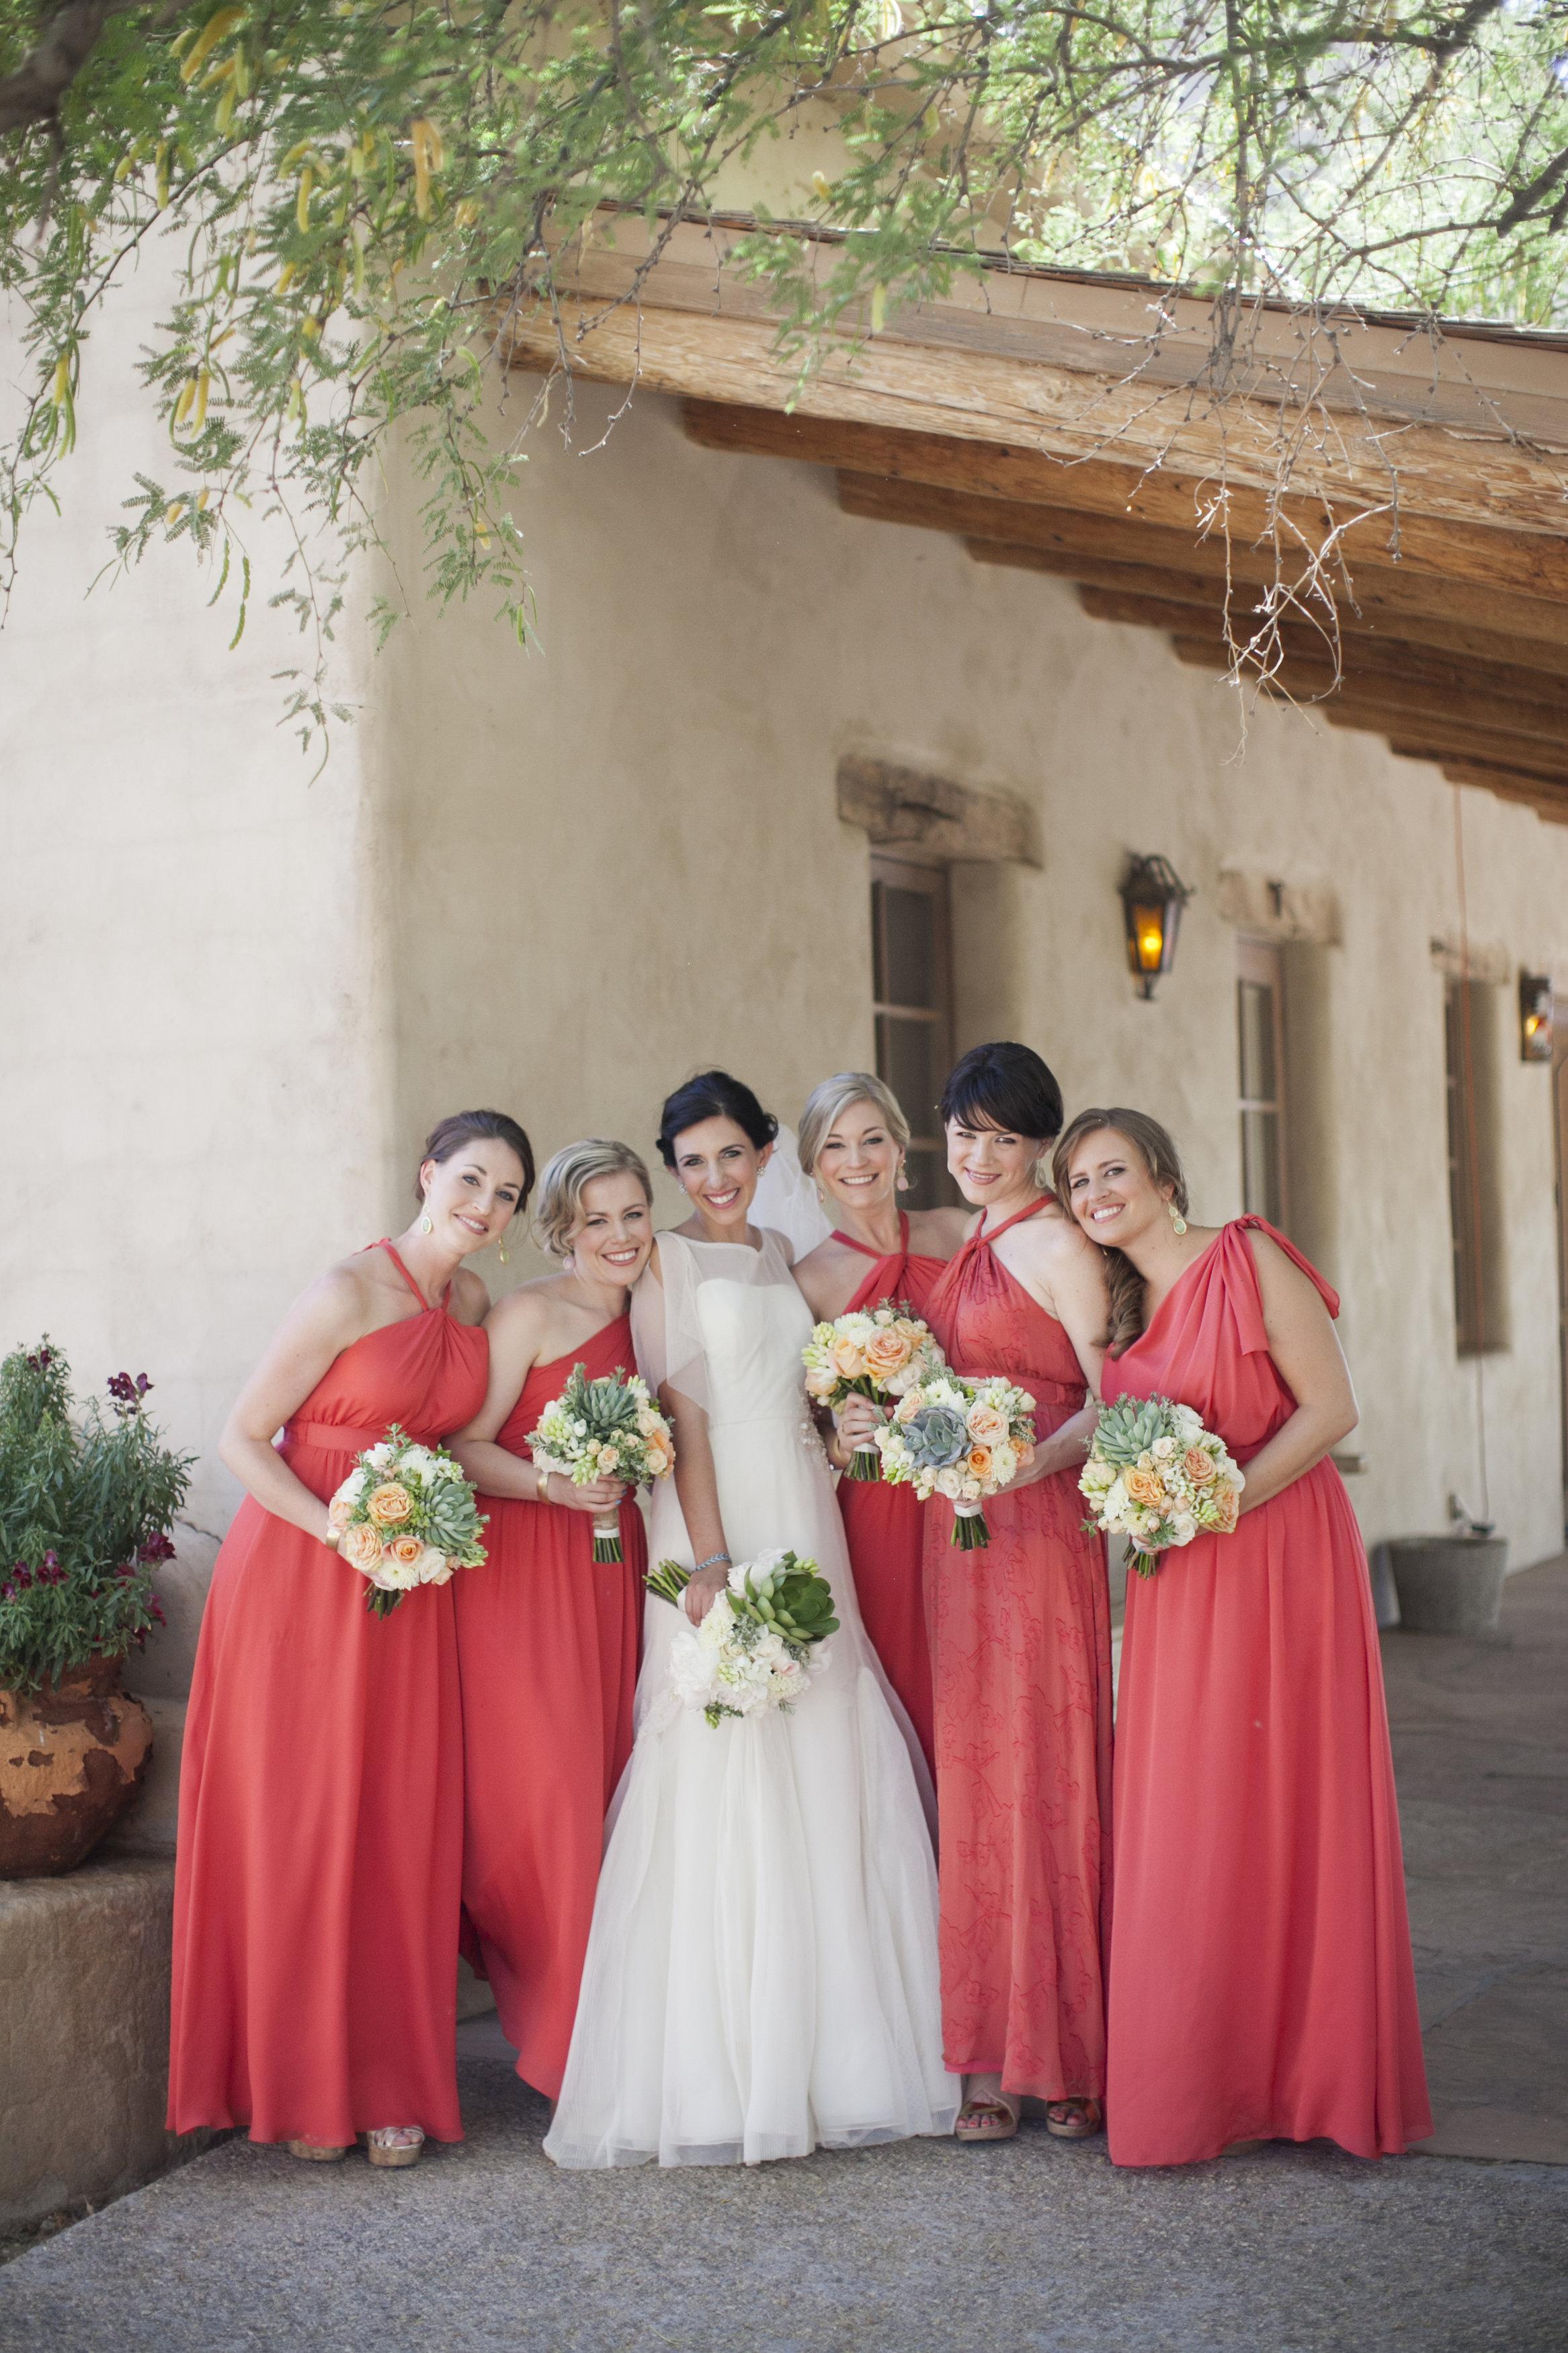 Ceci_New_York_Ceci_Style_Ceci_Johnson_Luxury_Lifestyle_Arizona_Wedding_Watercolor_Inspiration_Design_Custom_Couture_Personalized_Invitations_66.jpg